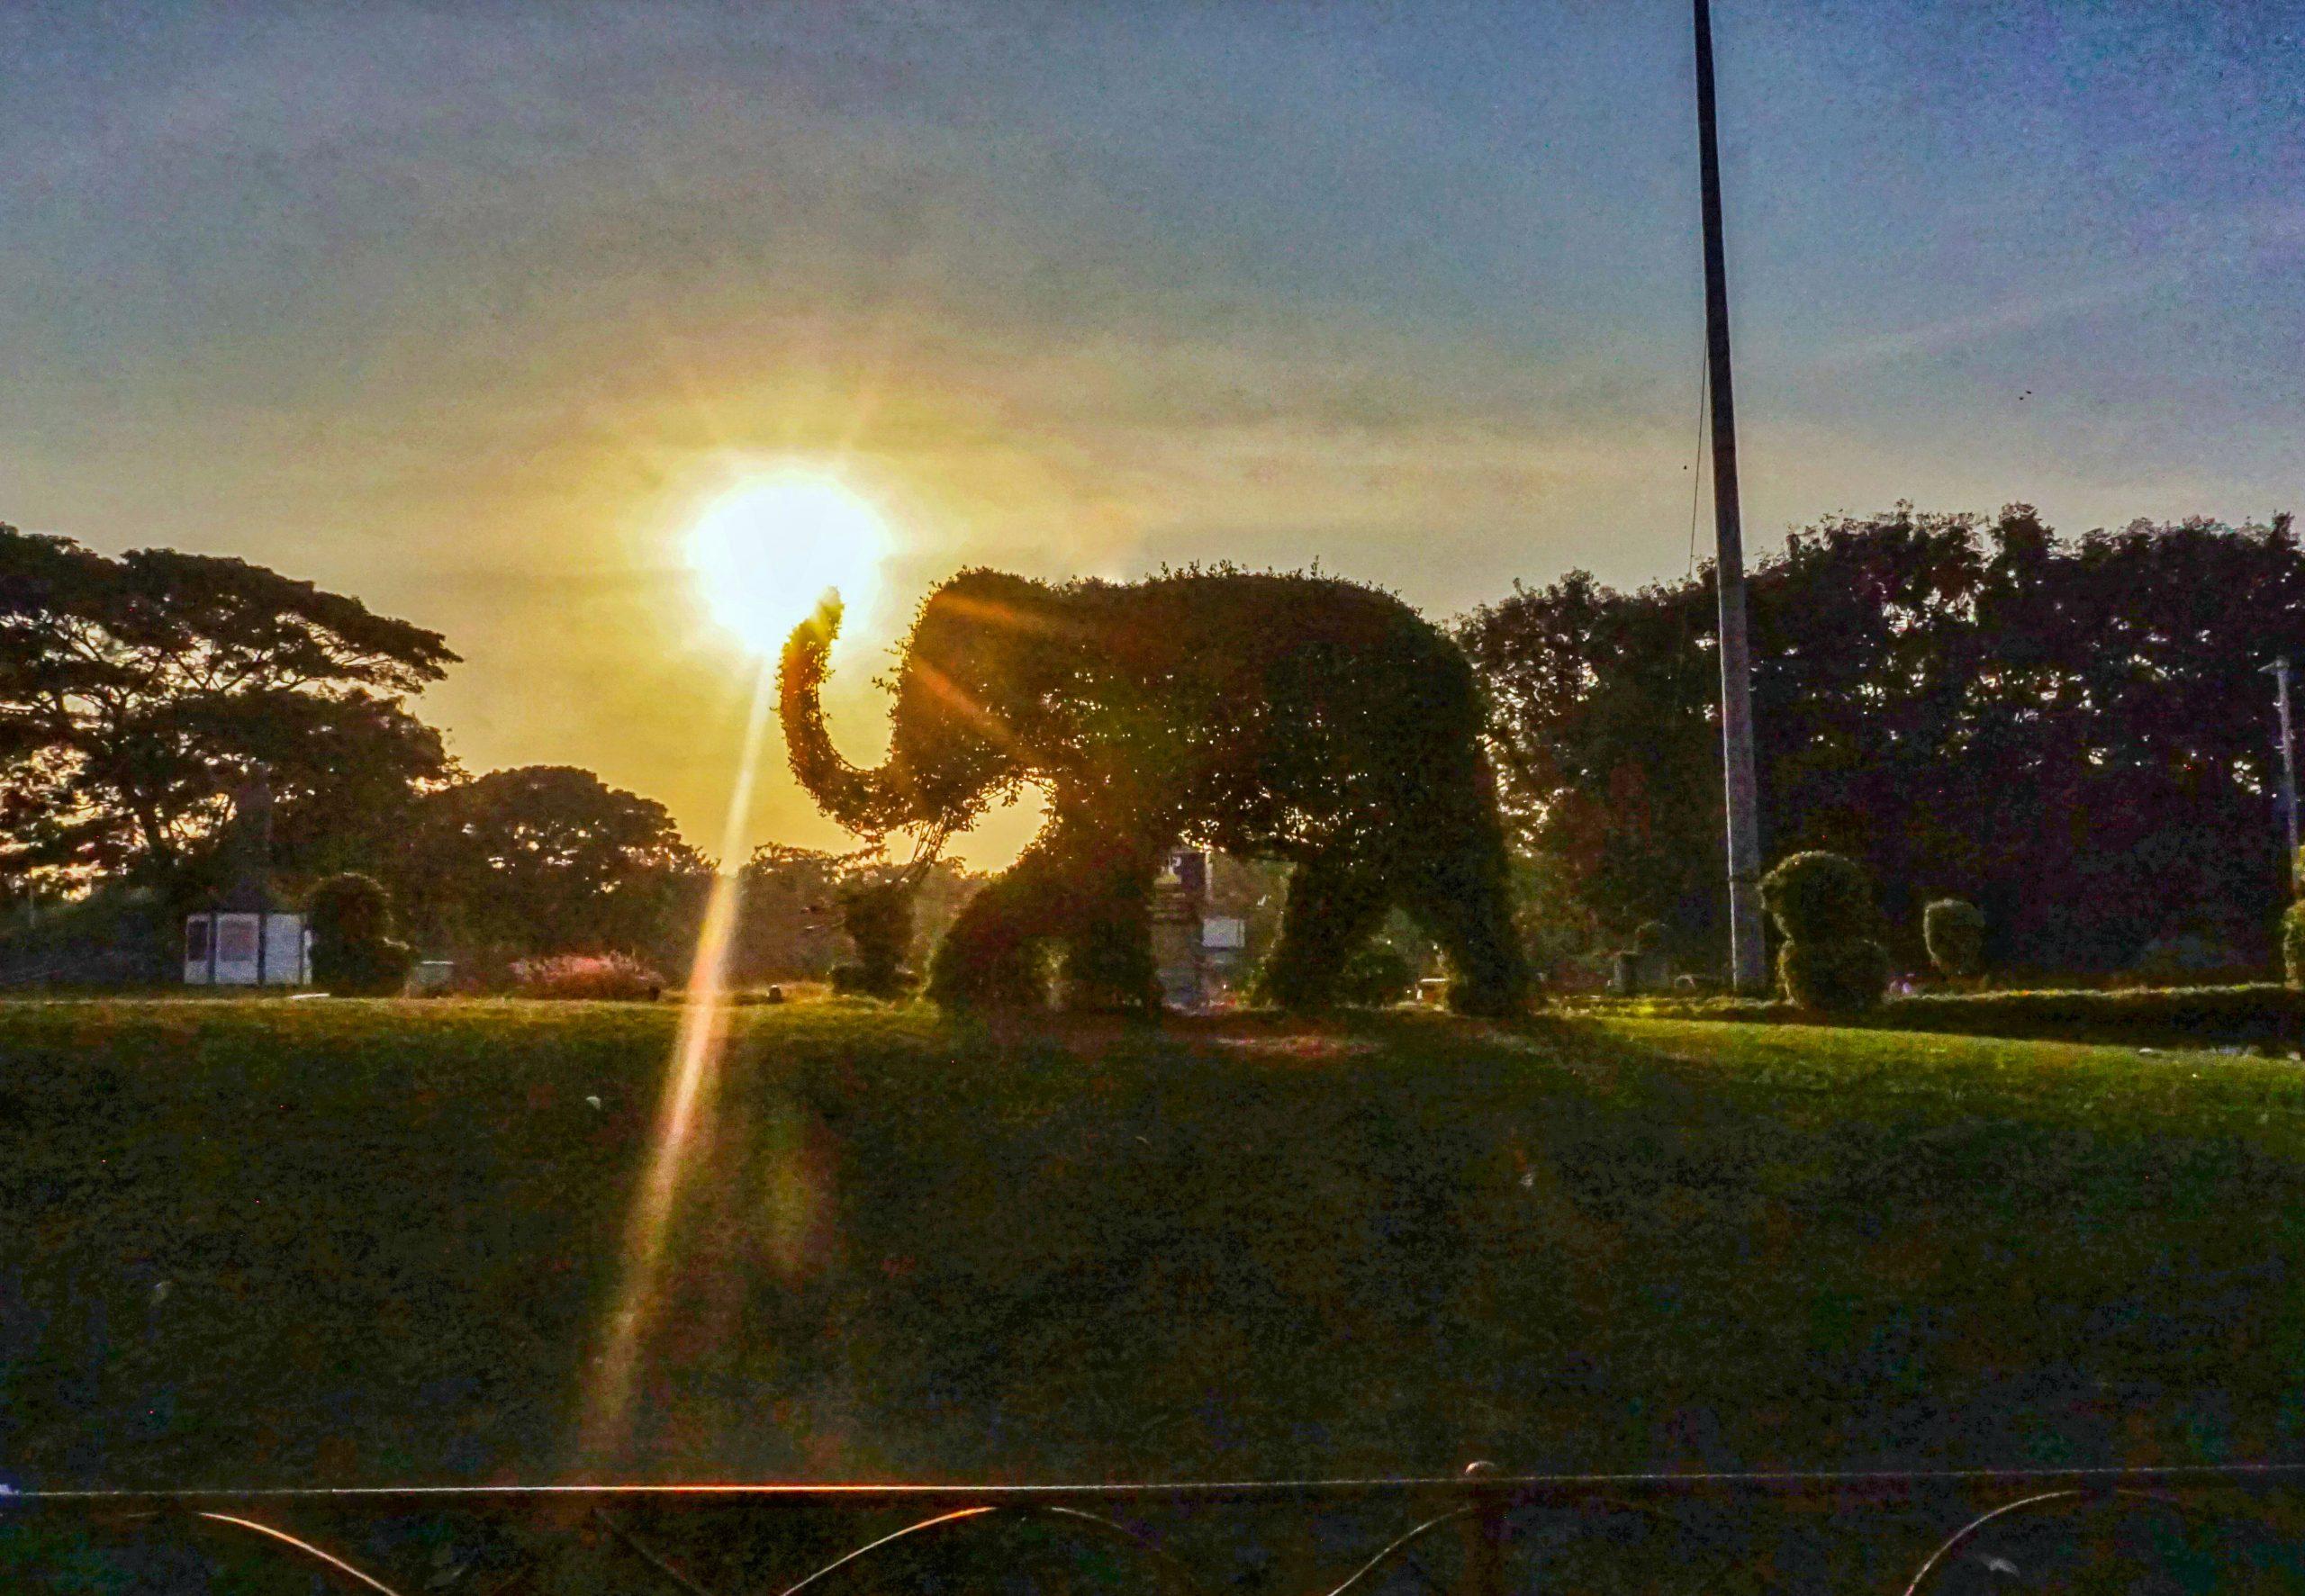 Sunshine on creative Elephant in garden